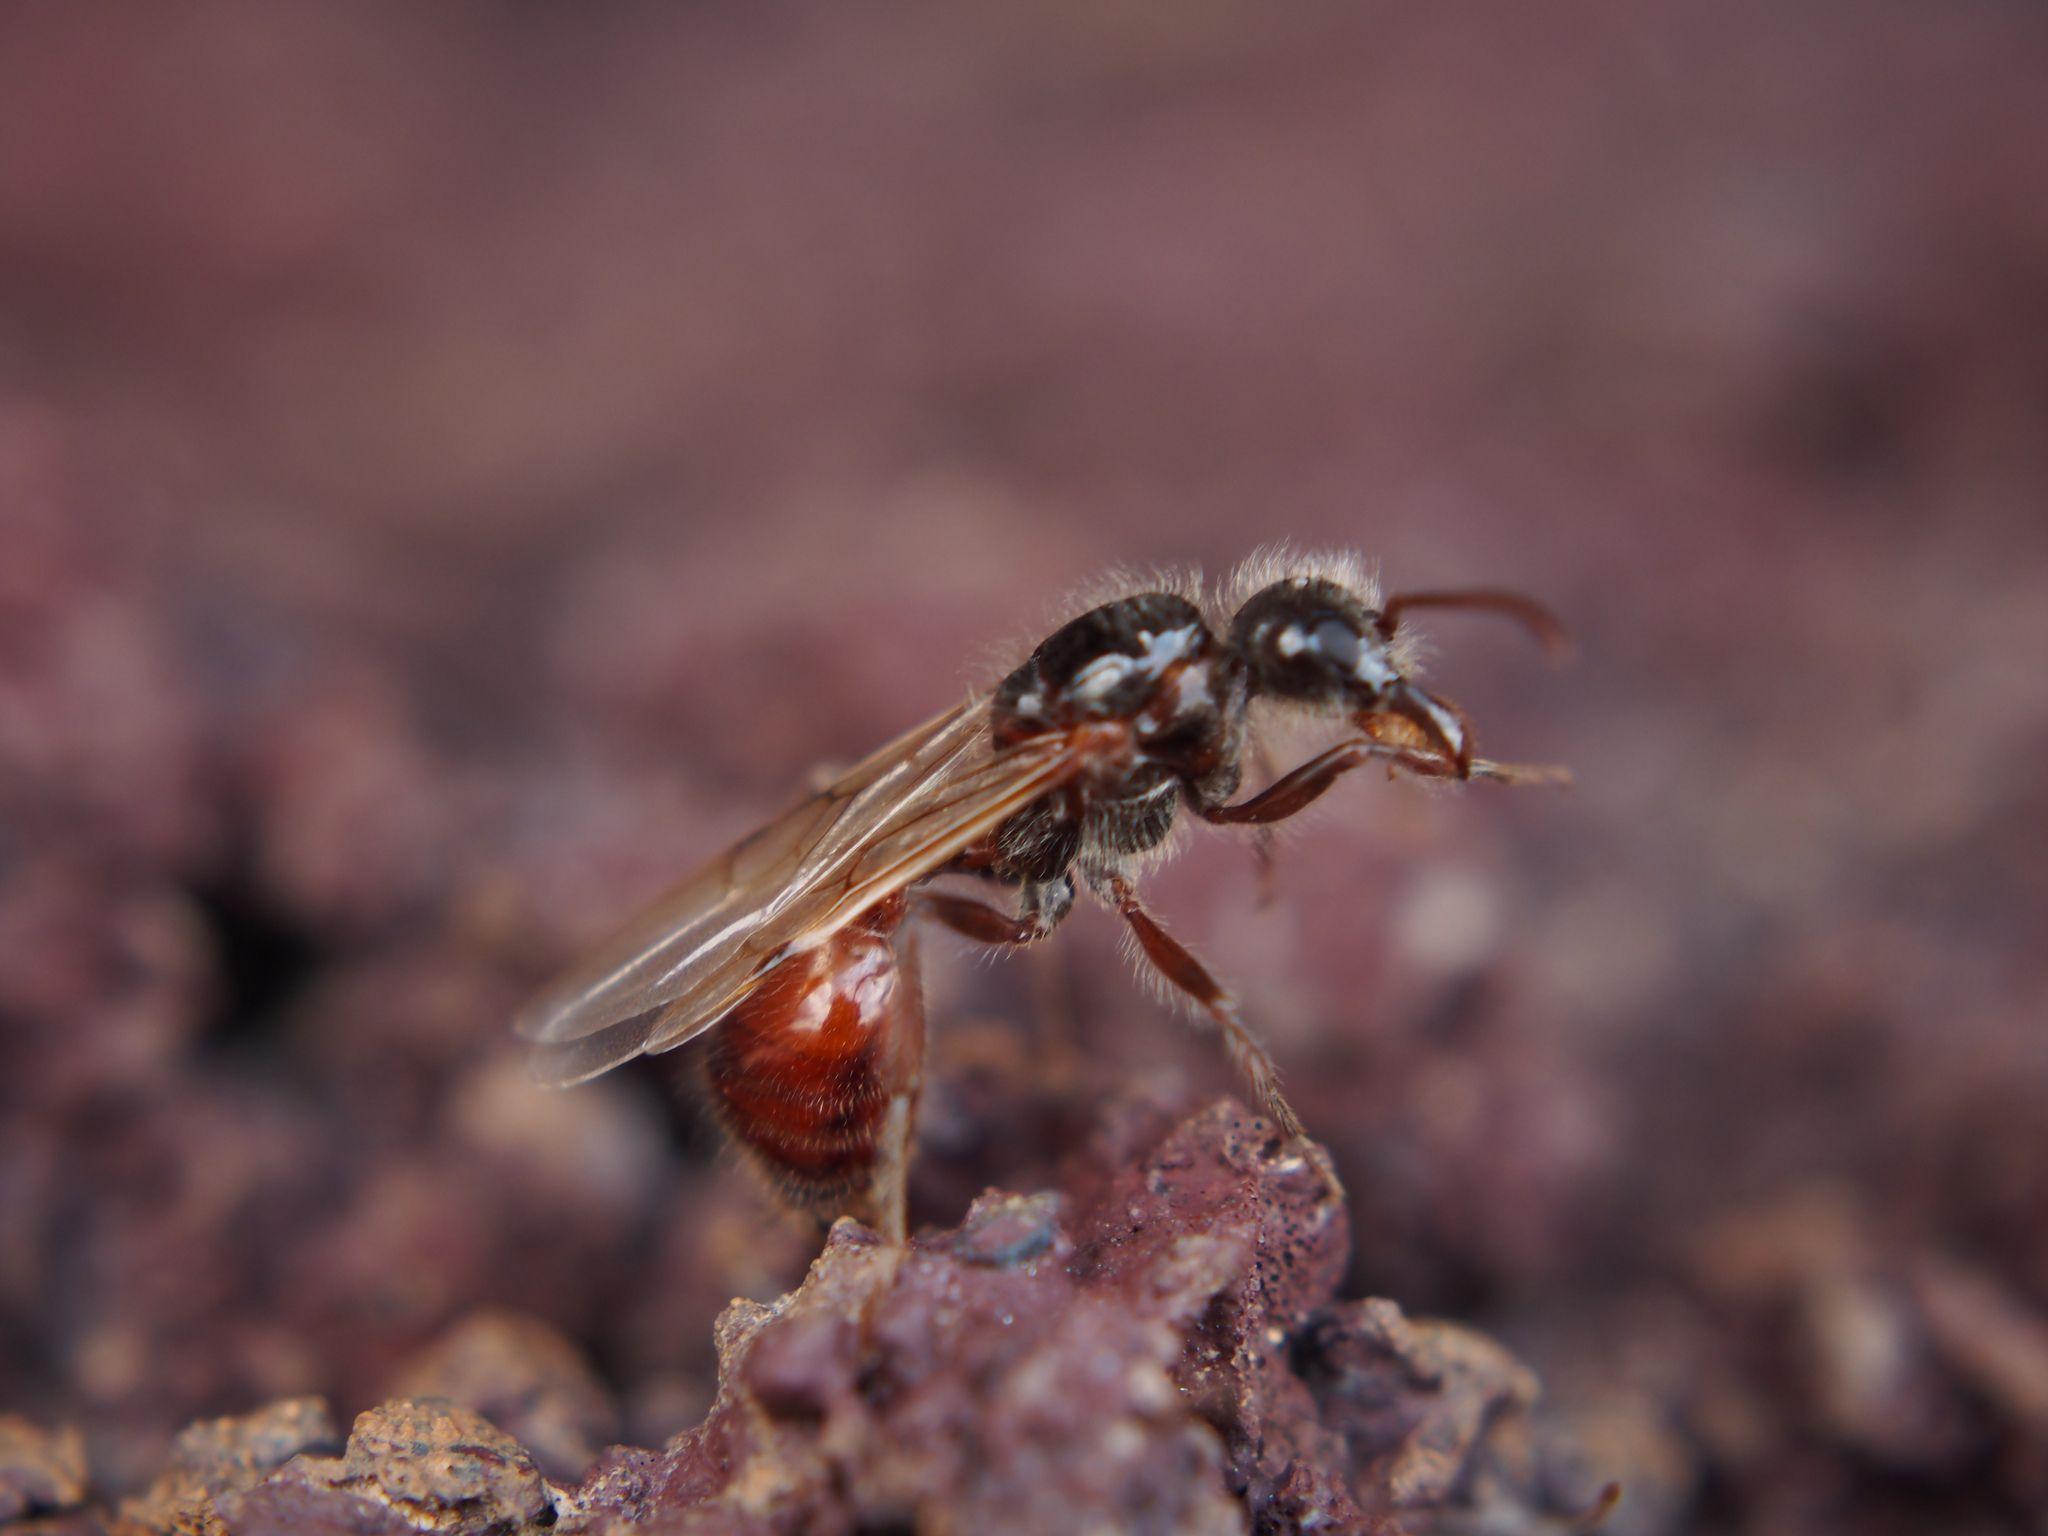 02_26_carpenter_ant_fungus